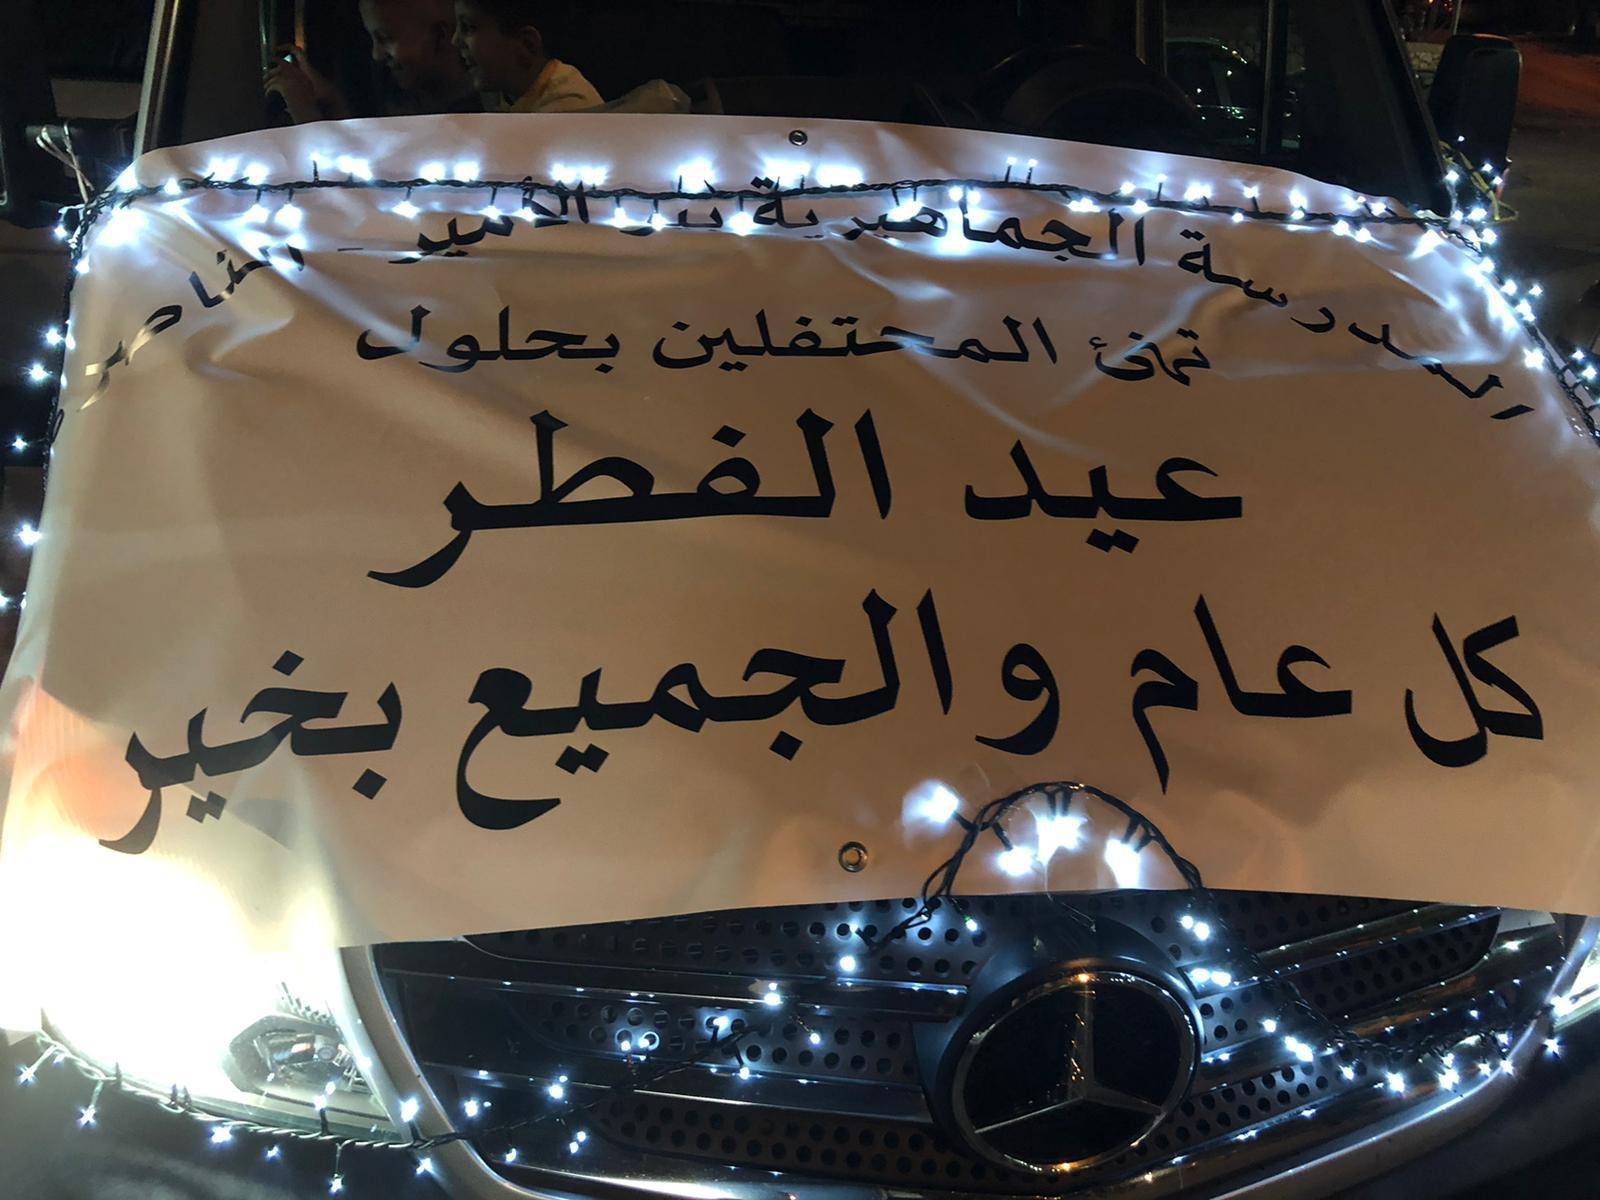 المدرسة الجماهيريّة بير الأمير -الناصرة تستقبلُ عيد الفطر السعيد بفرحٍ وسرورٍ، وتحتفلُ بحلول العيد بأجواءٍ رمضانية بهيجة.